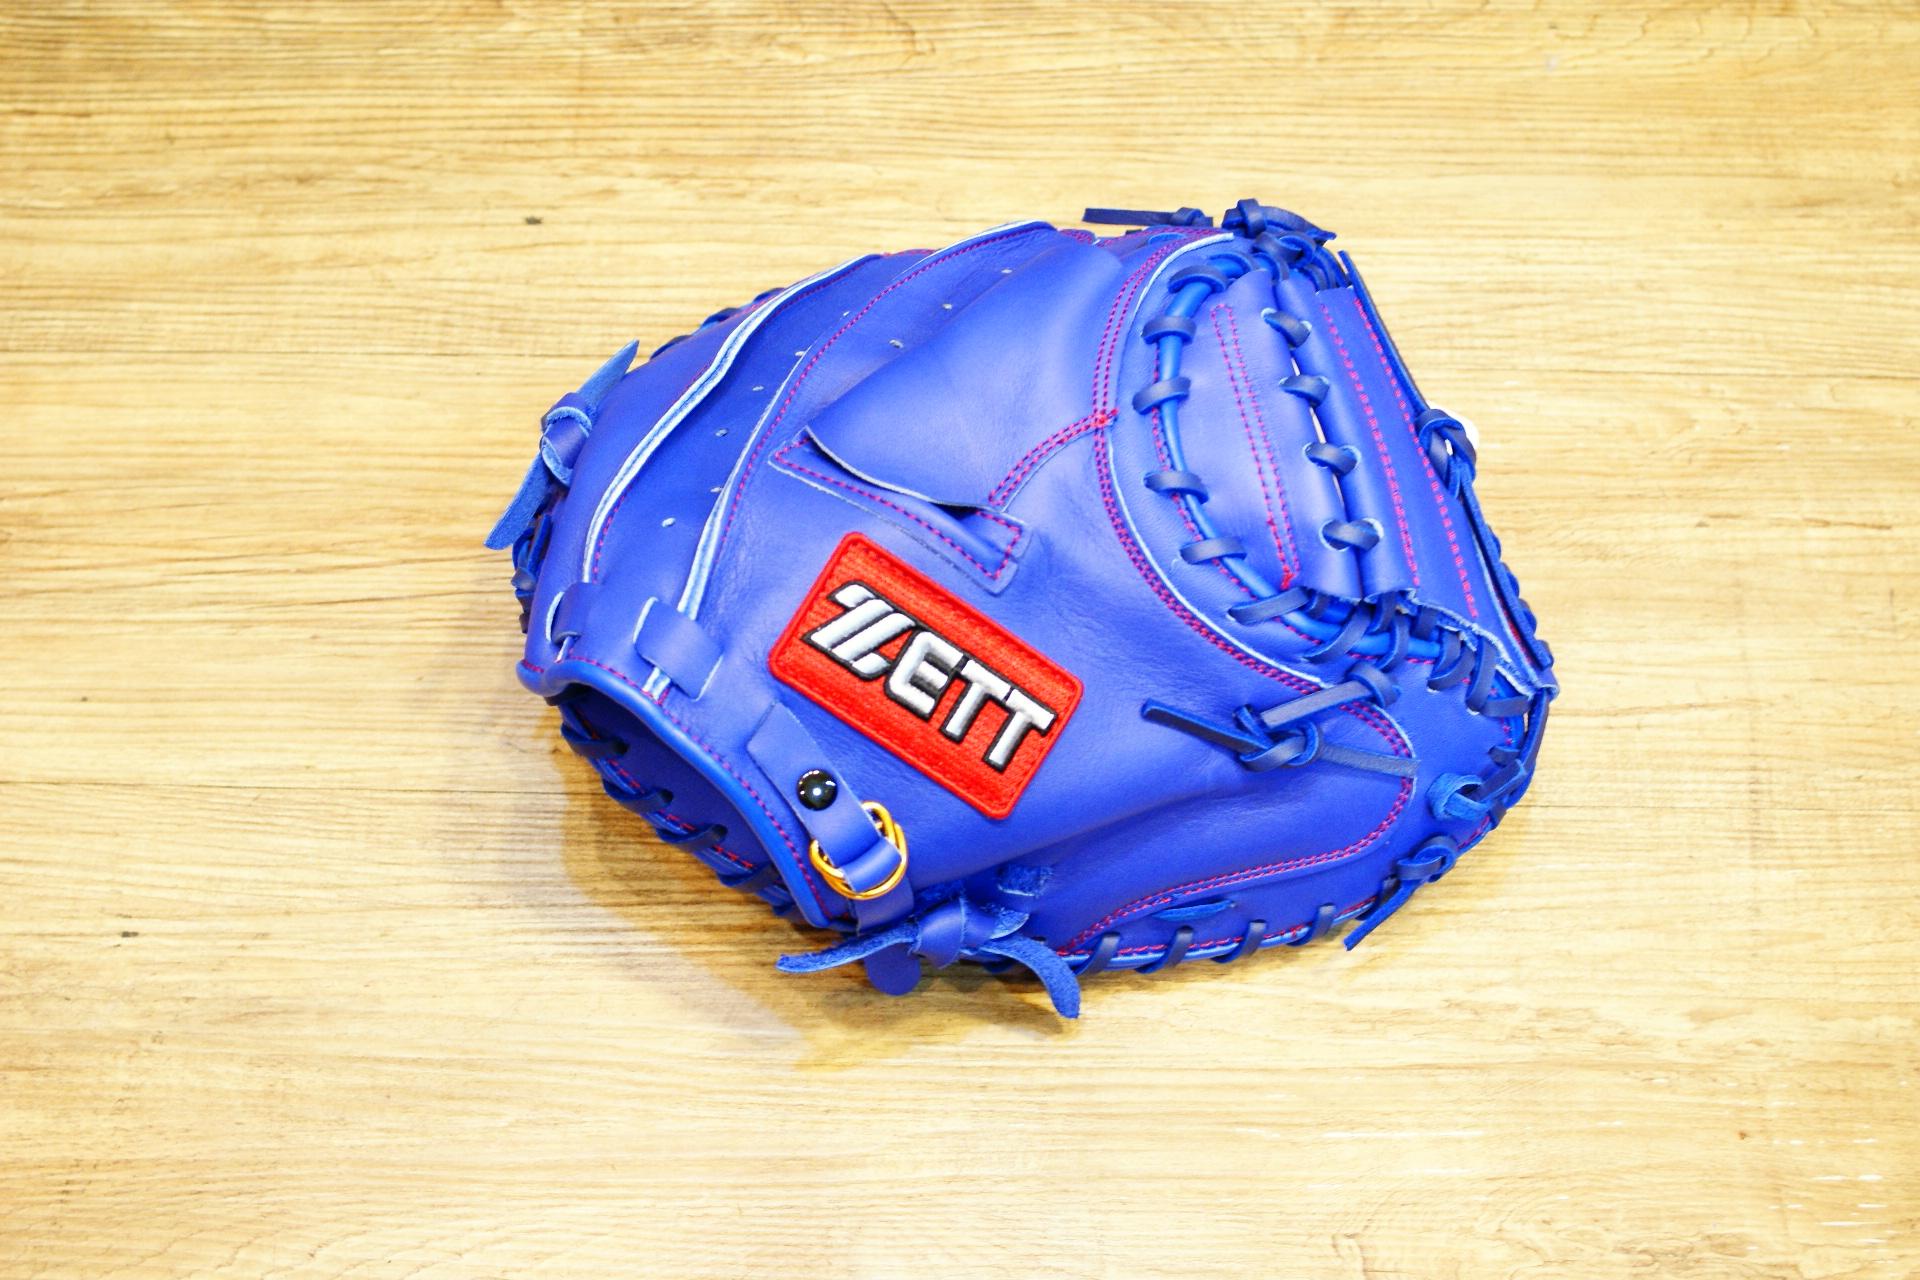 棒球世界 全新ZETT棒球捕手手套 藍色 特價 加送手套袋 8702系列